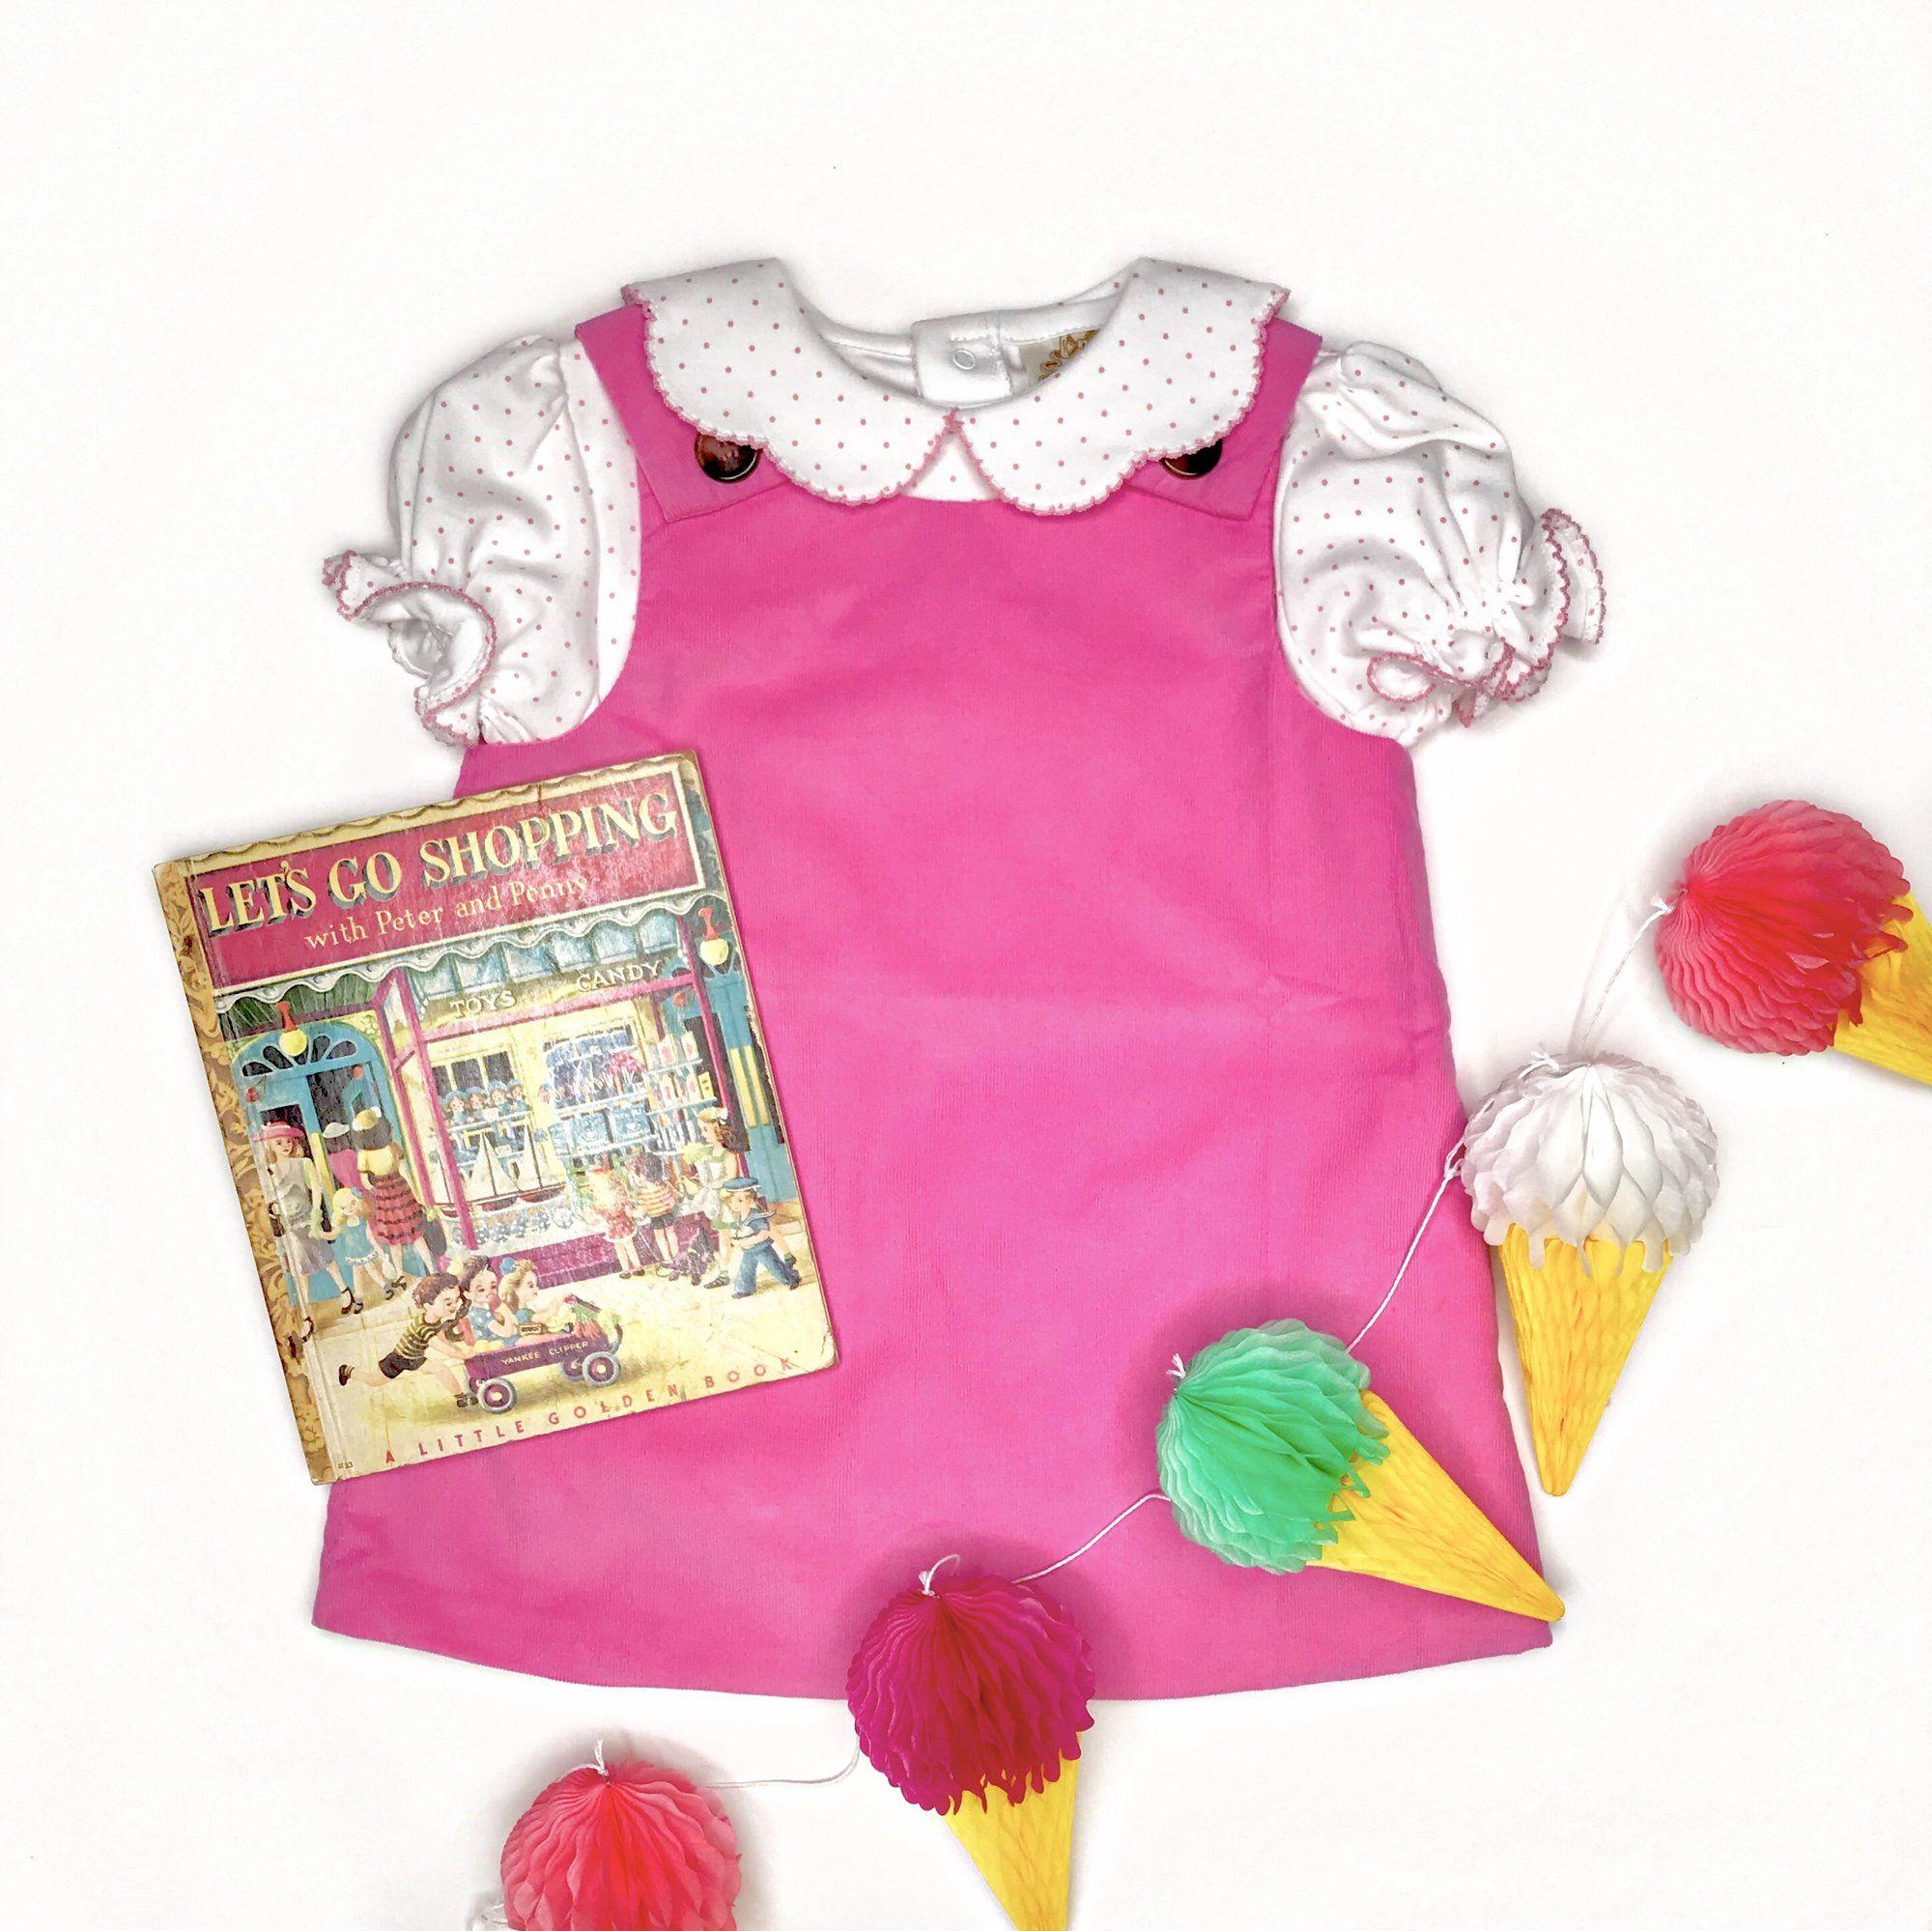 ad10baa74 Juliet Jumper - Hamptons Hot Pink Corduroy - The Beaufort Bonnet ...